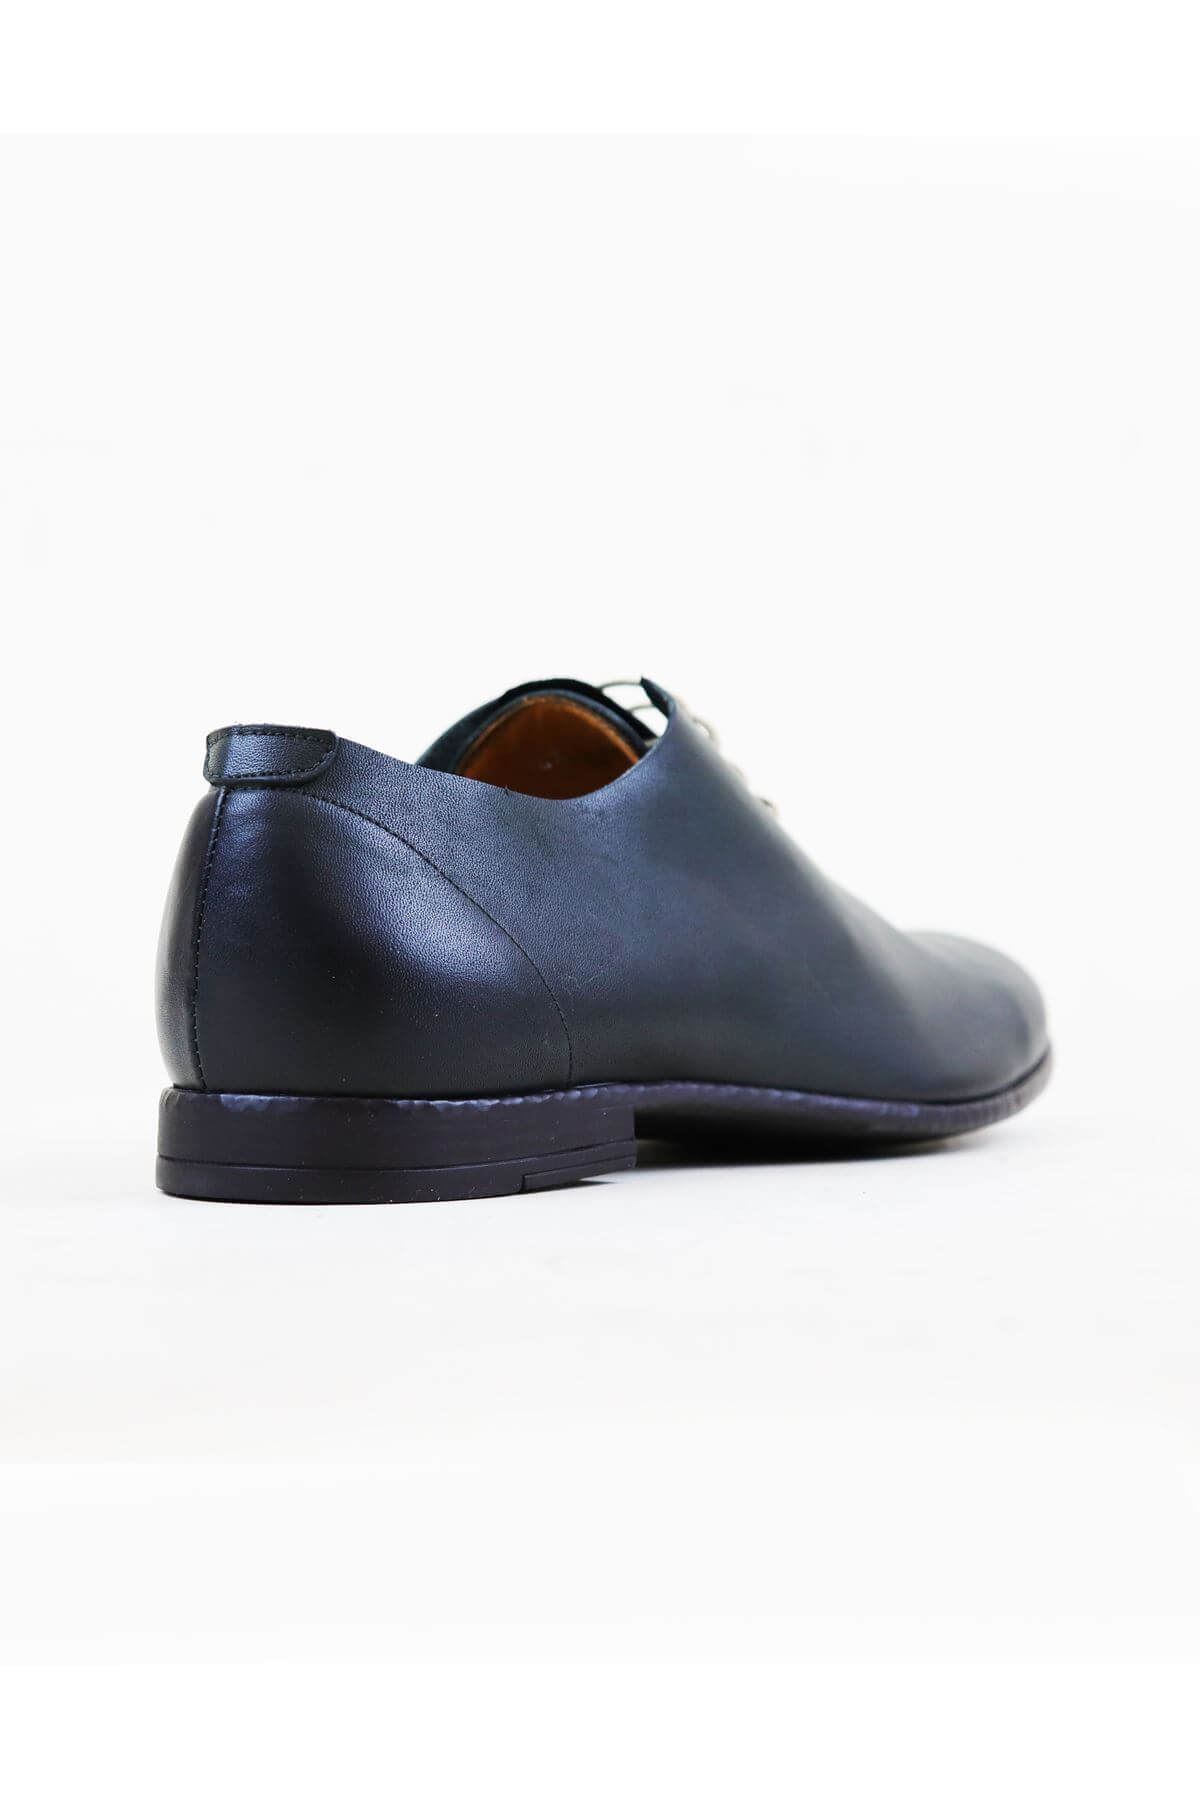 Free Foot 20350 Yeşil Hakiki Deri Erkek Ayakkabısı